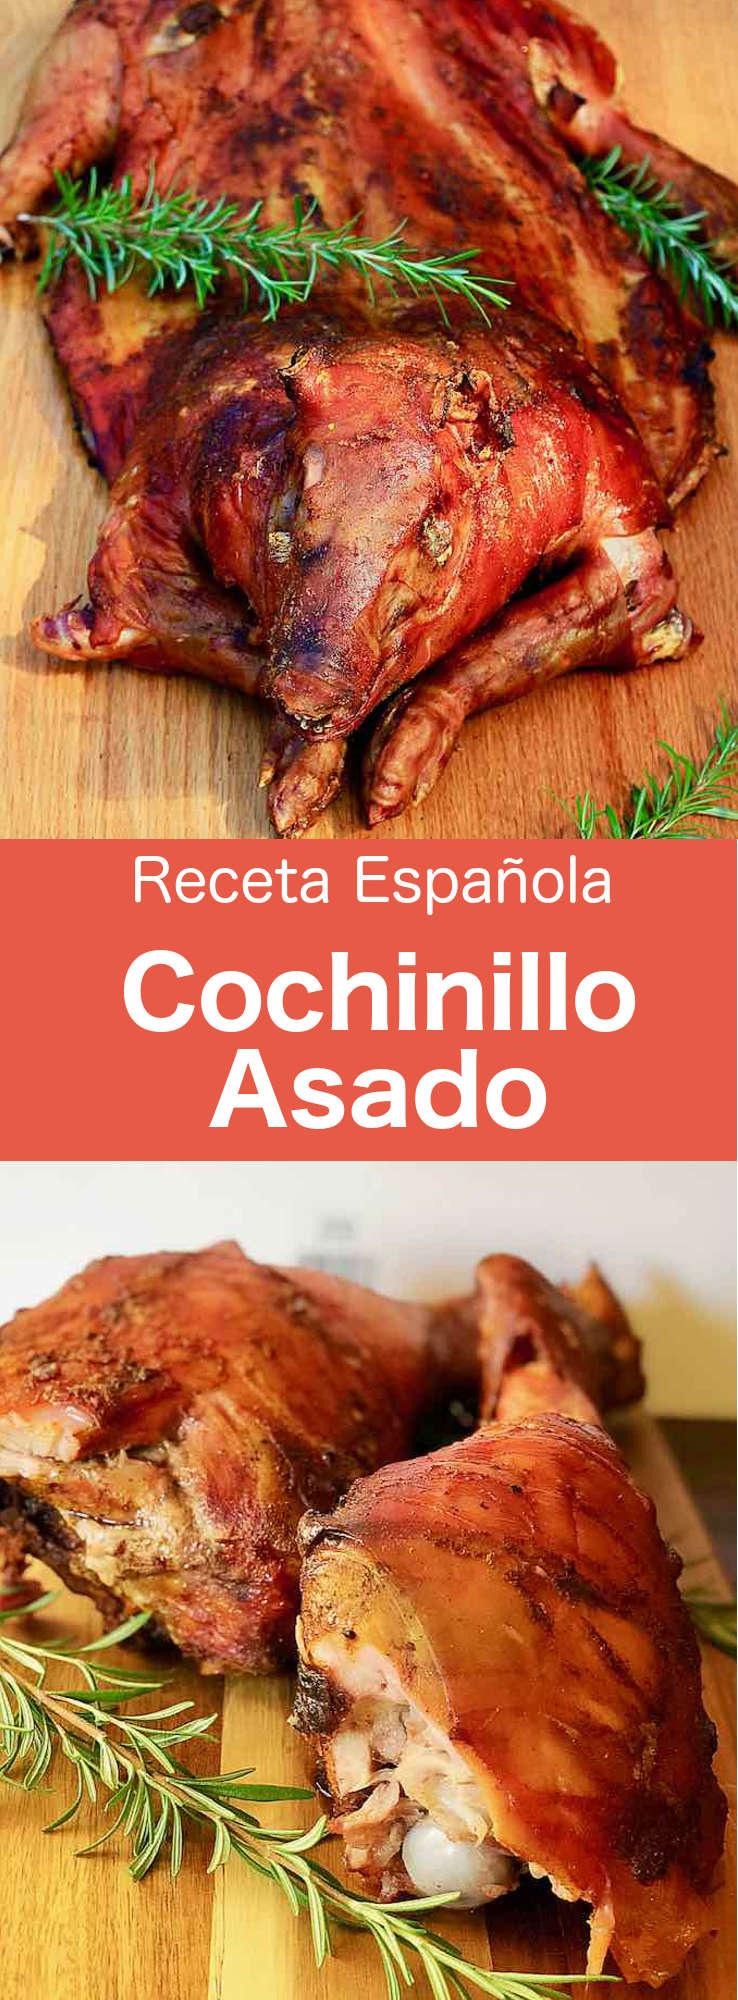 El cochinillo asado (o tostón asado) es uno de los platos más típicos de la cocina de Castilla, España.